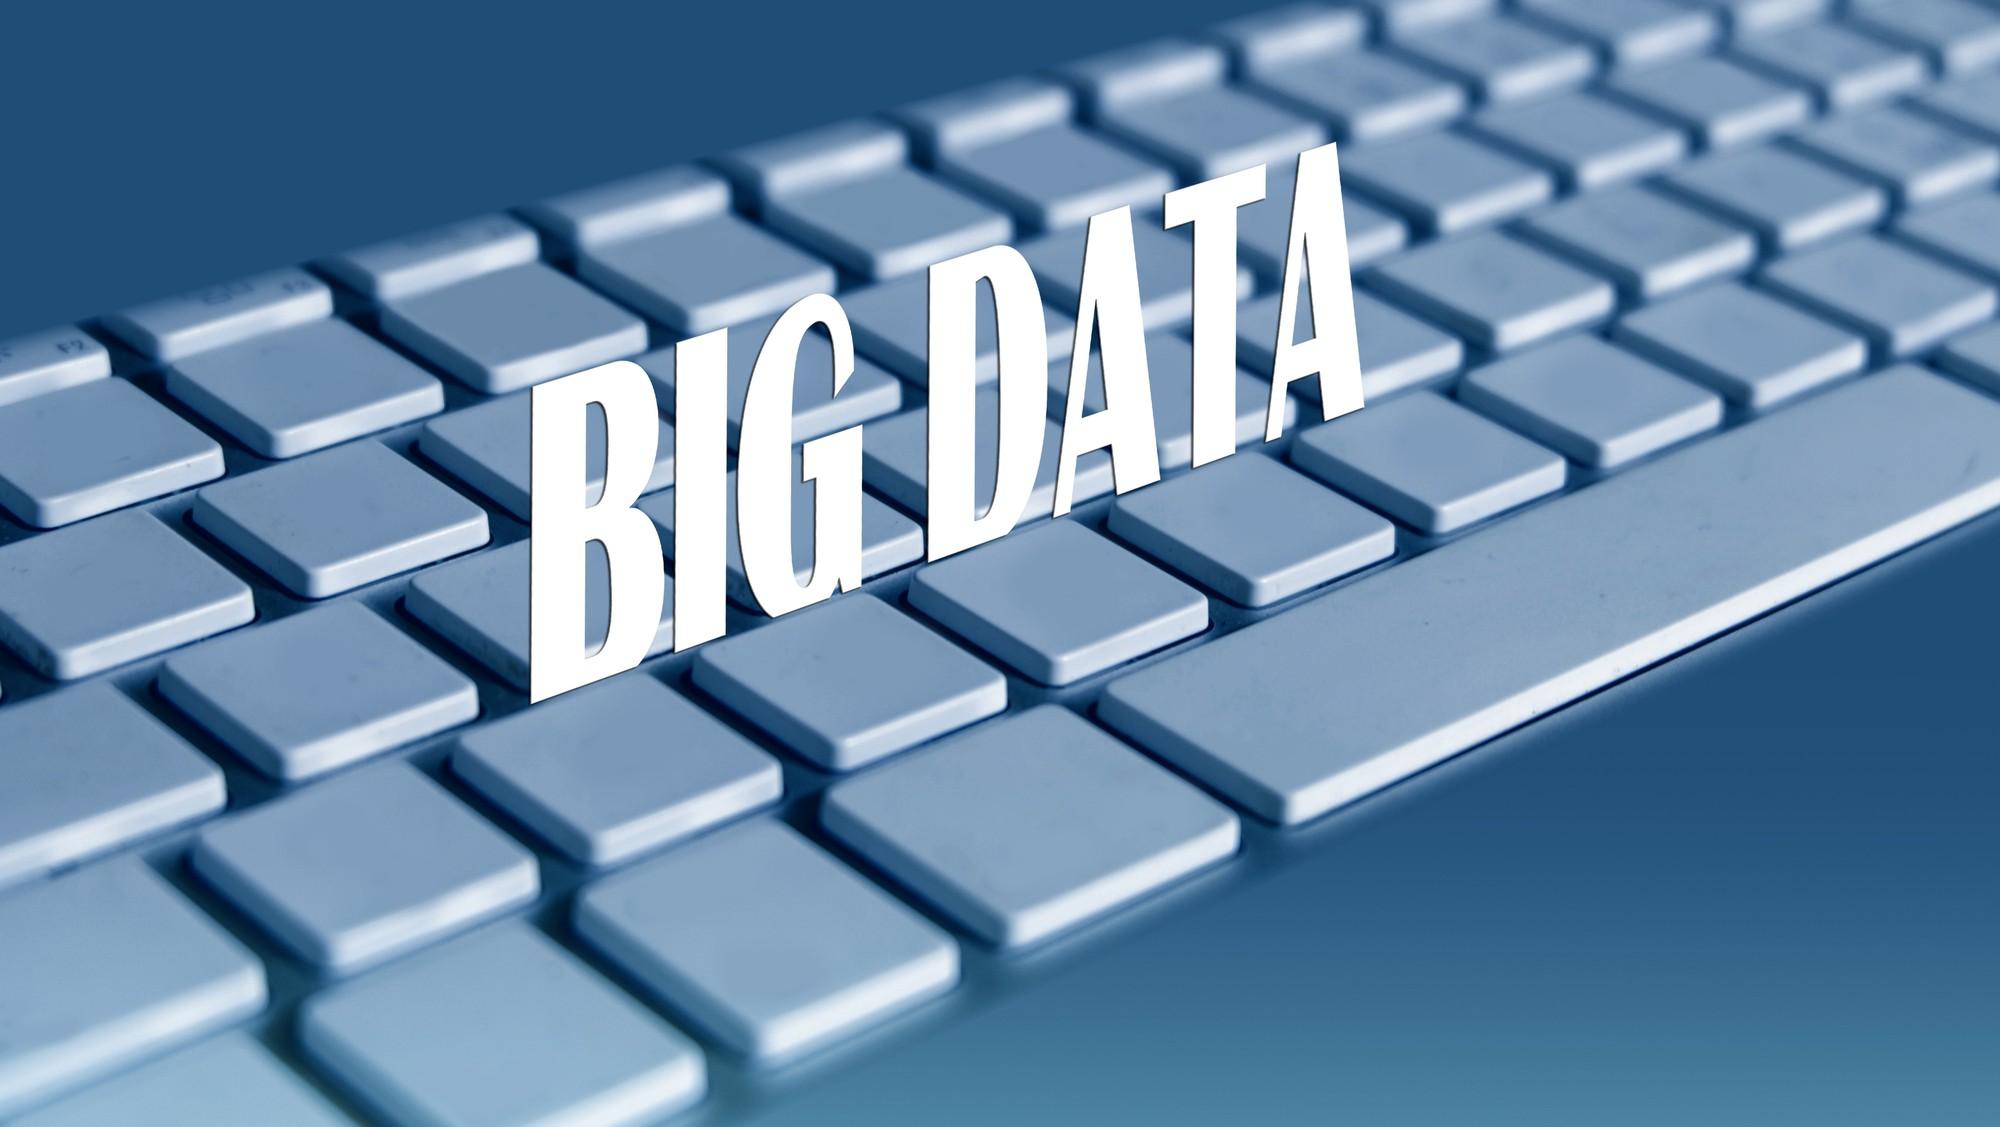 Big Data - xu hướng cần thiết khi máy móc có thể dự đoán tương lai và số phận của con người - Ảnh 1.